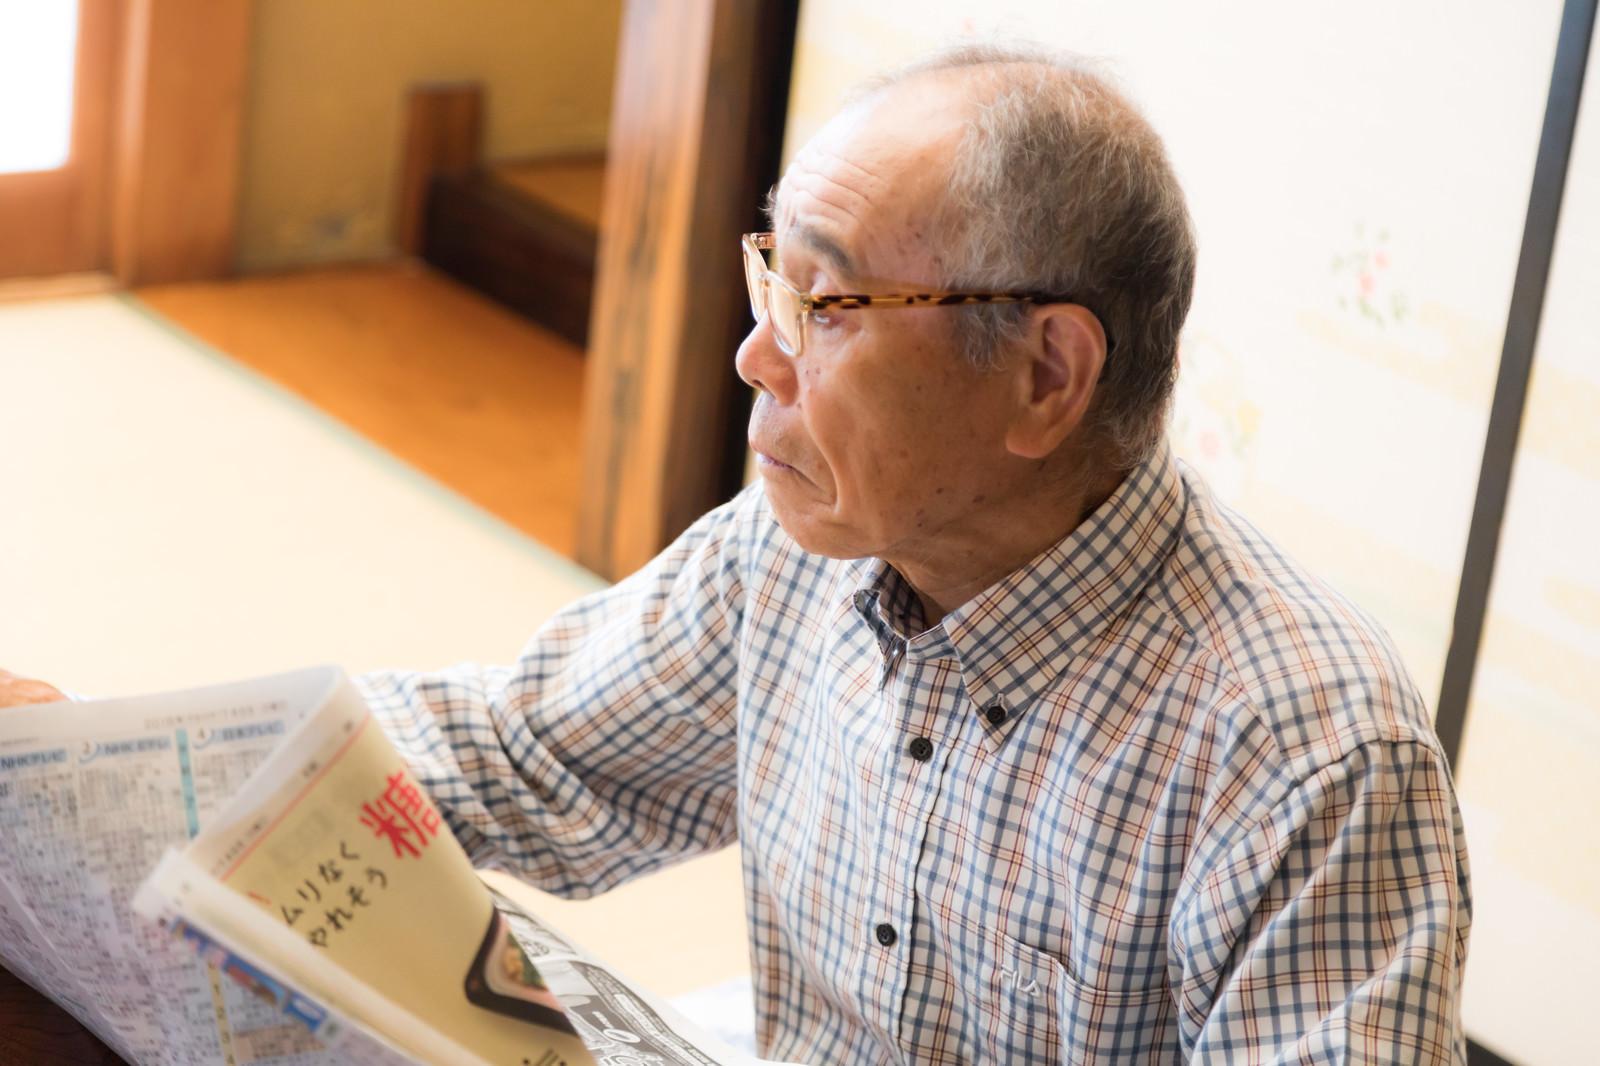 「居間で新聞を読むお爺さん」の写真[モデル:まーちゃん]